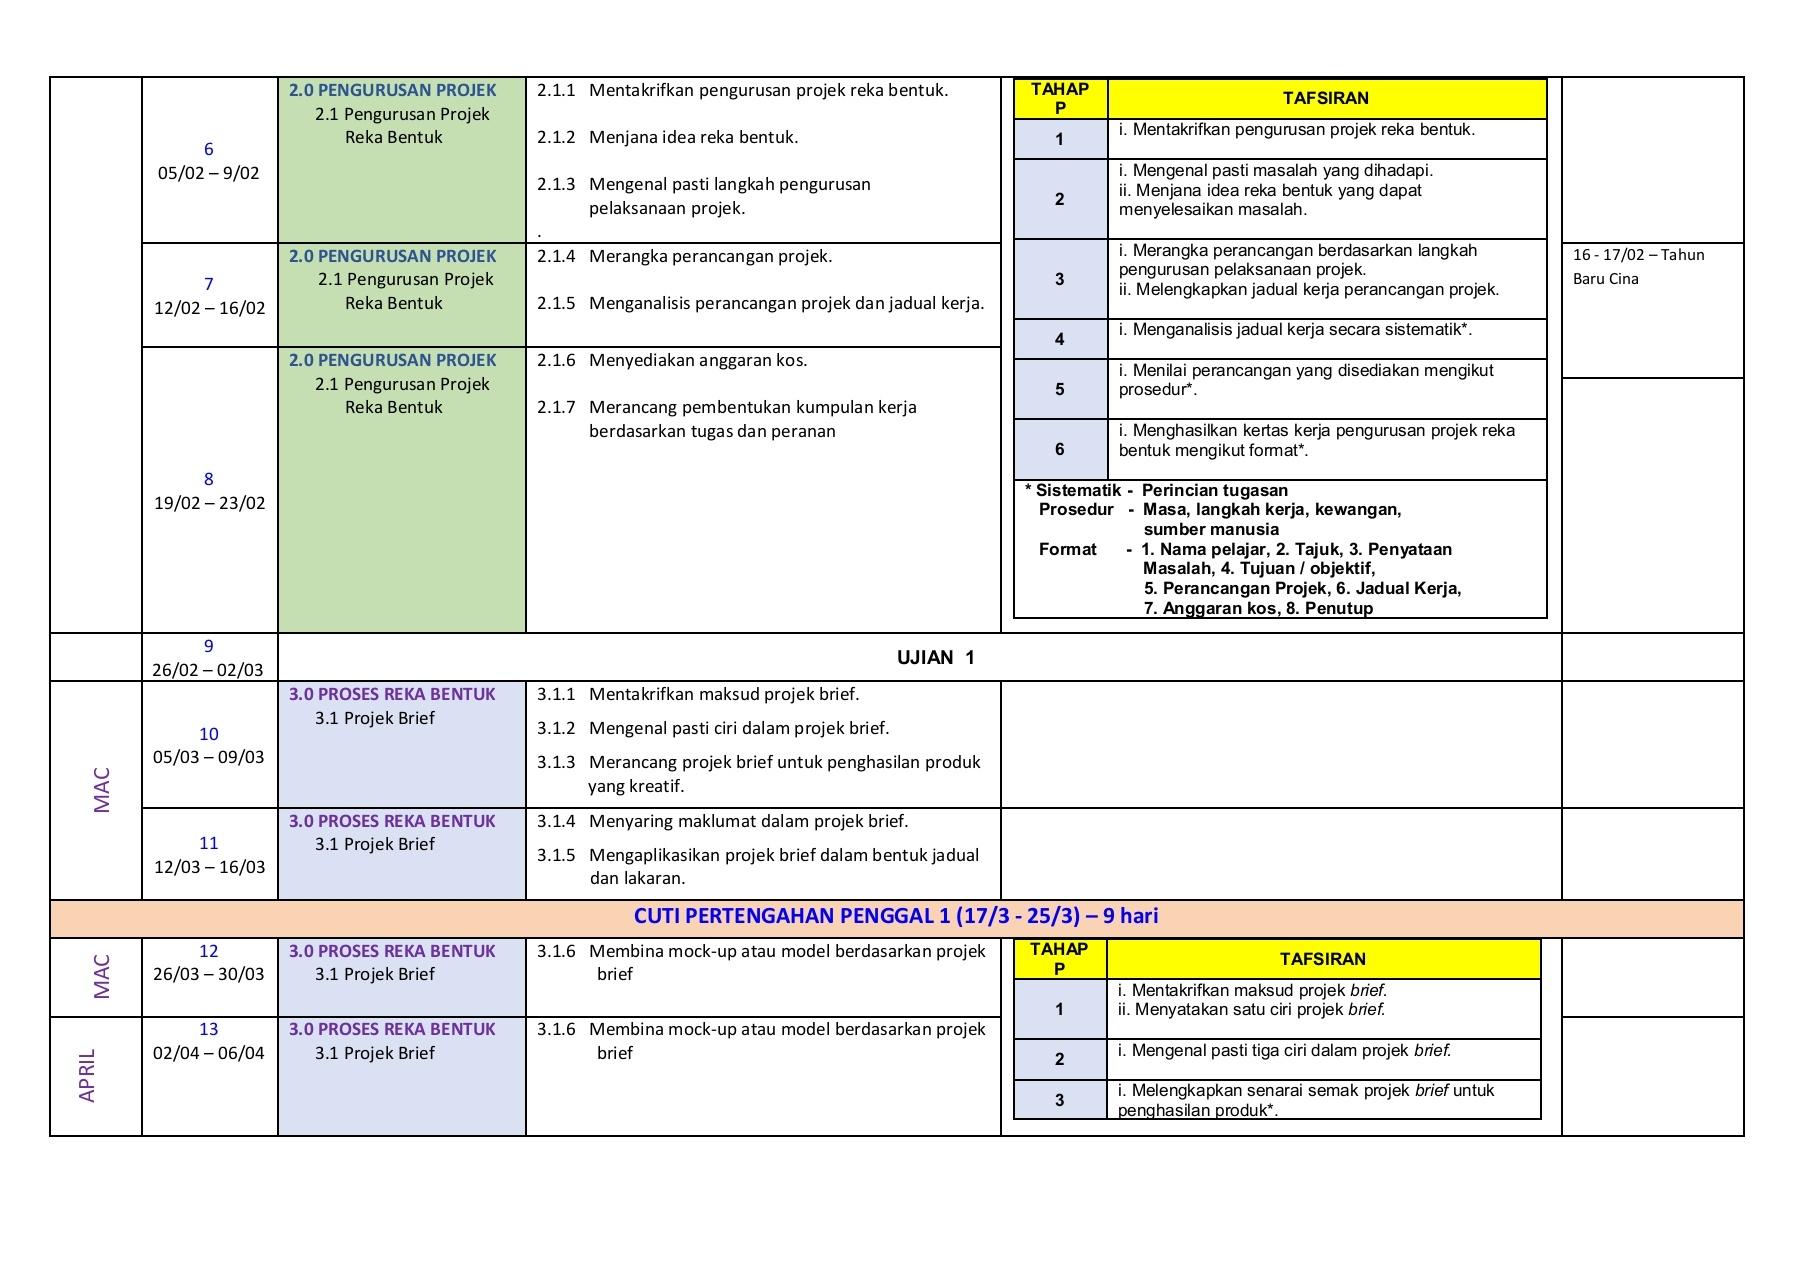 Rpt Reka Bentuk Teknologi Tahun 4 Power Rpt Rbt Ting 1 2018 Pages 1 7 Text Version Anyflip Of Jom Dapatkan Rpt Reka Bentuk Teknologi Tahun 4 Yang Bermanfaat Khas Untuk Para Guru Lihat!